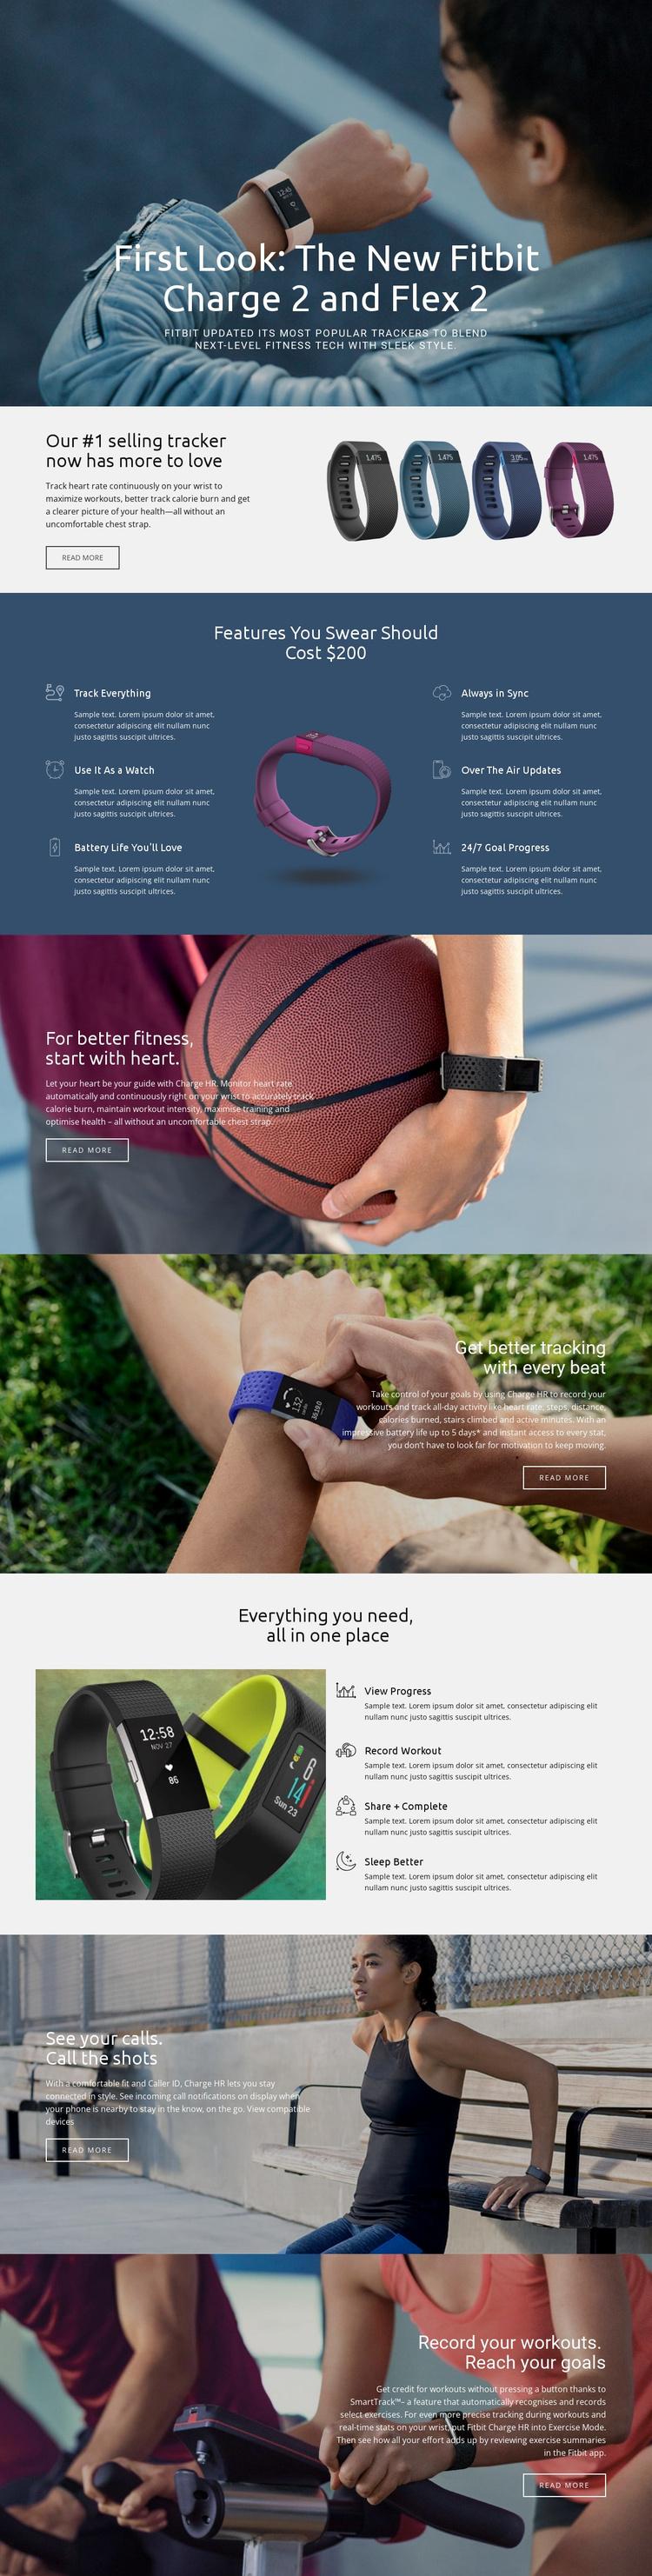 Flex 2 Website Template